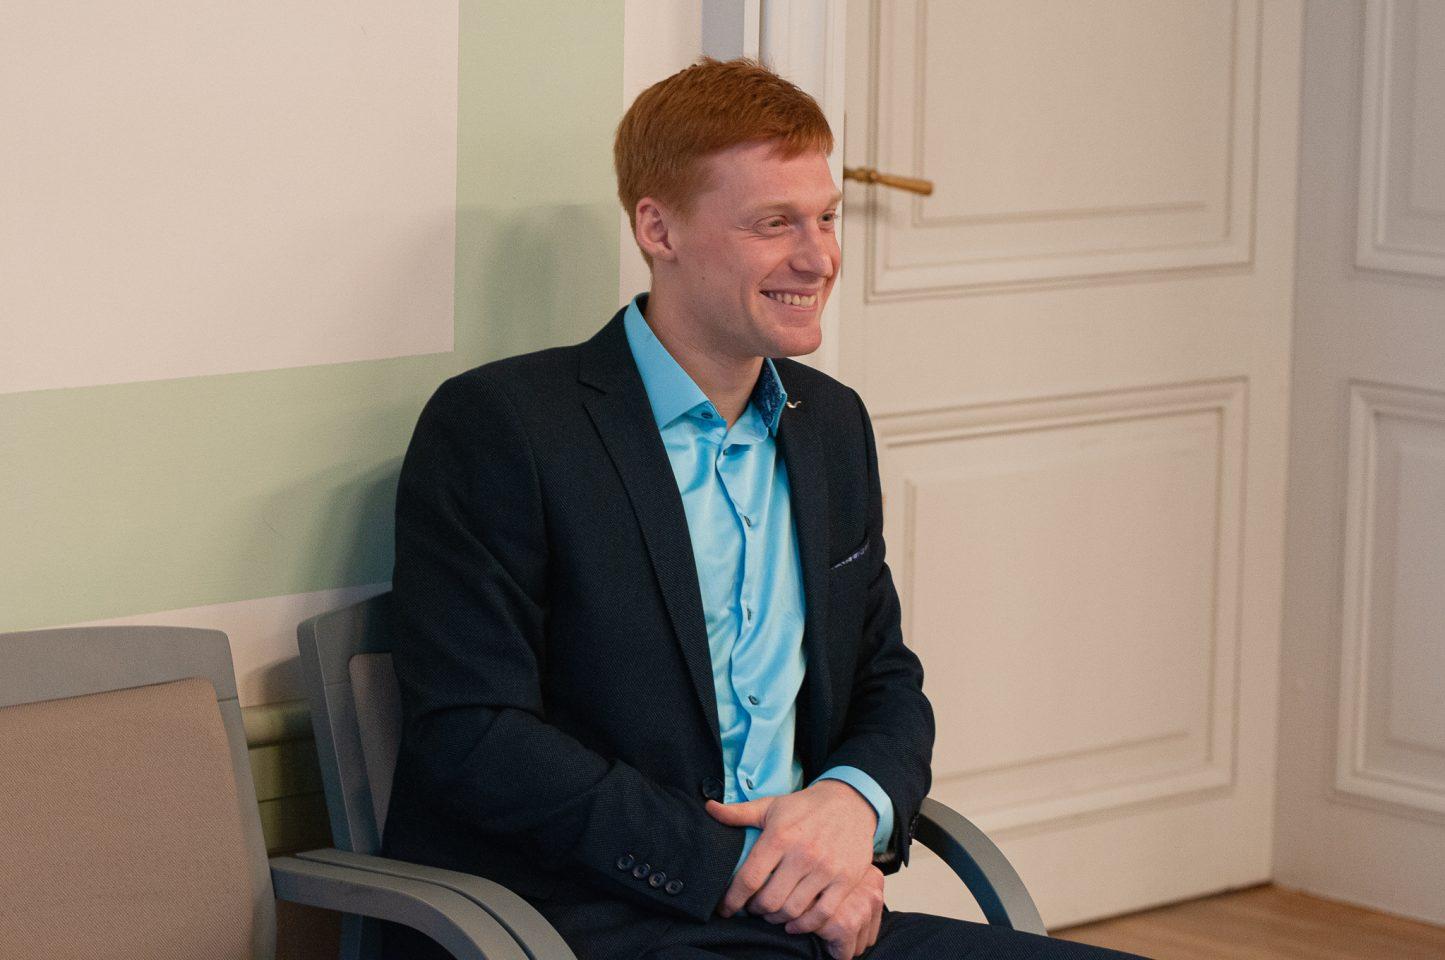 Jaunietis ar rudiem matiem un tērpts uzvalkā, sēž uz krēsla un smaida